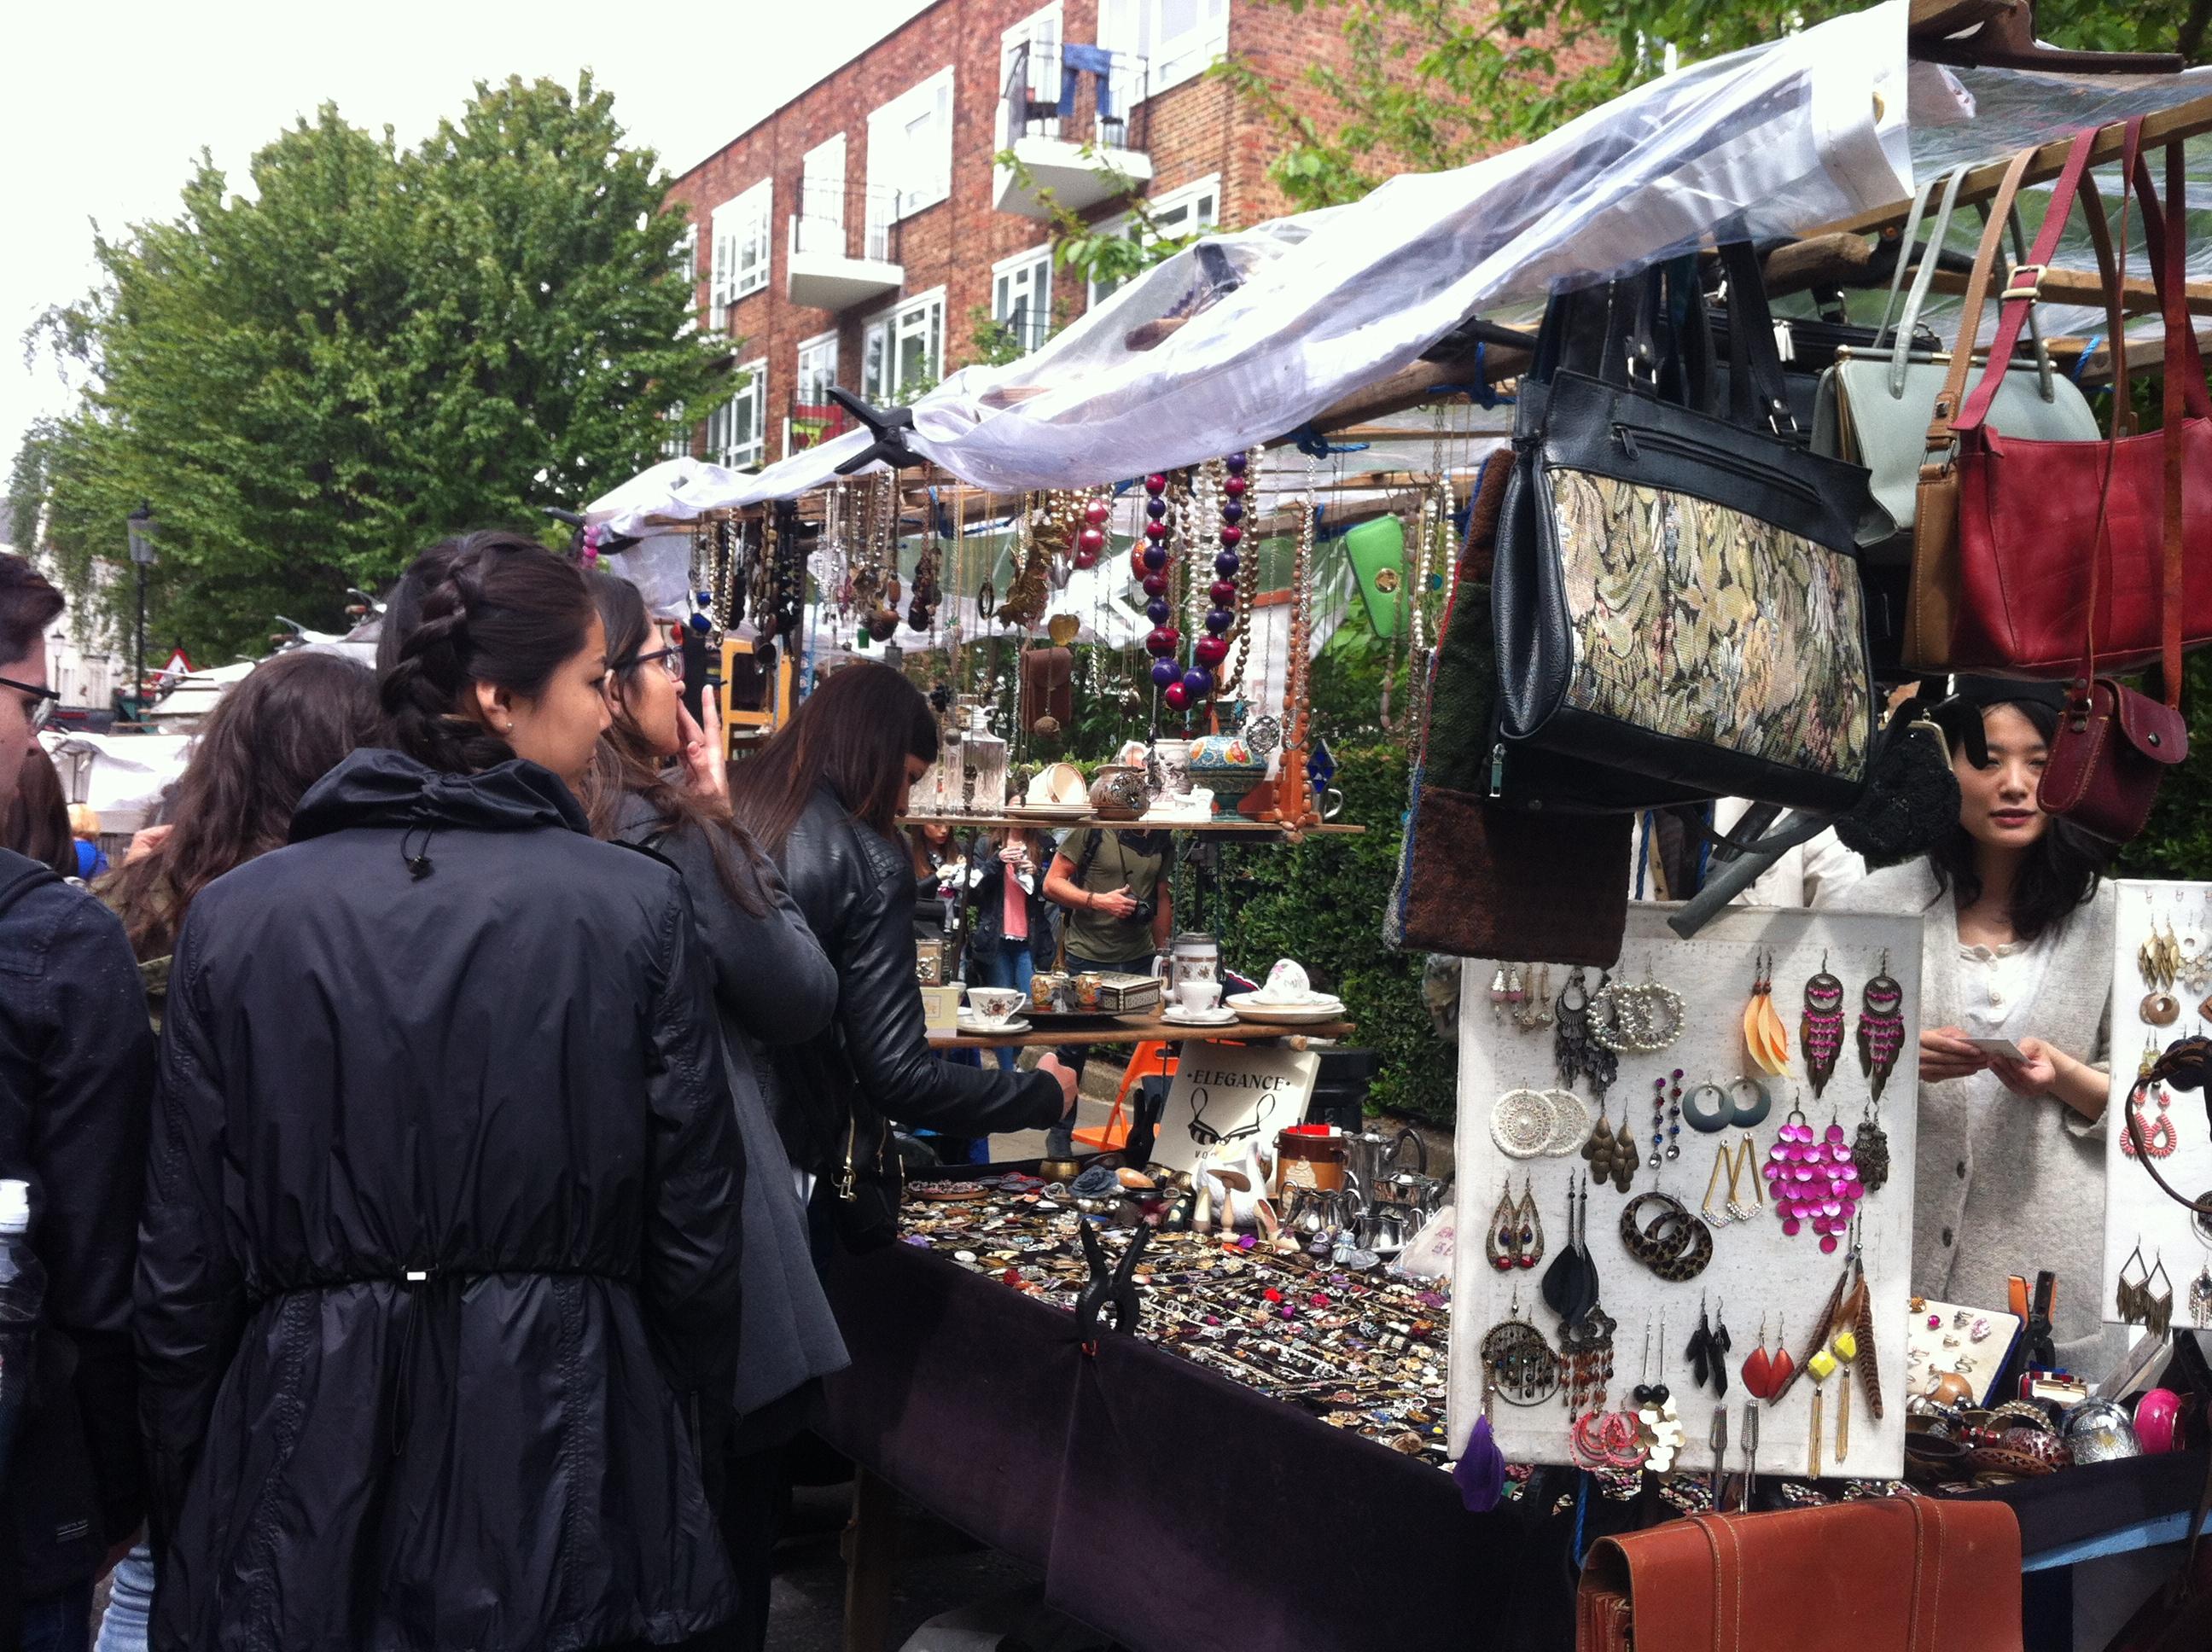 portobello antiques market  u2013 maria bristoll